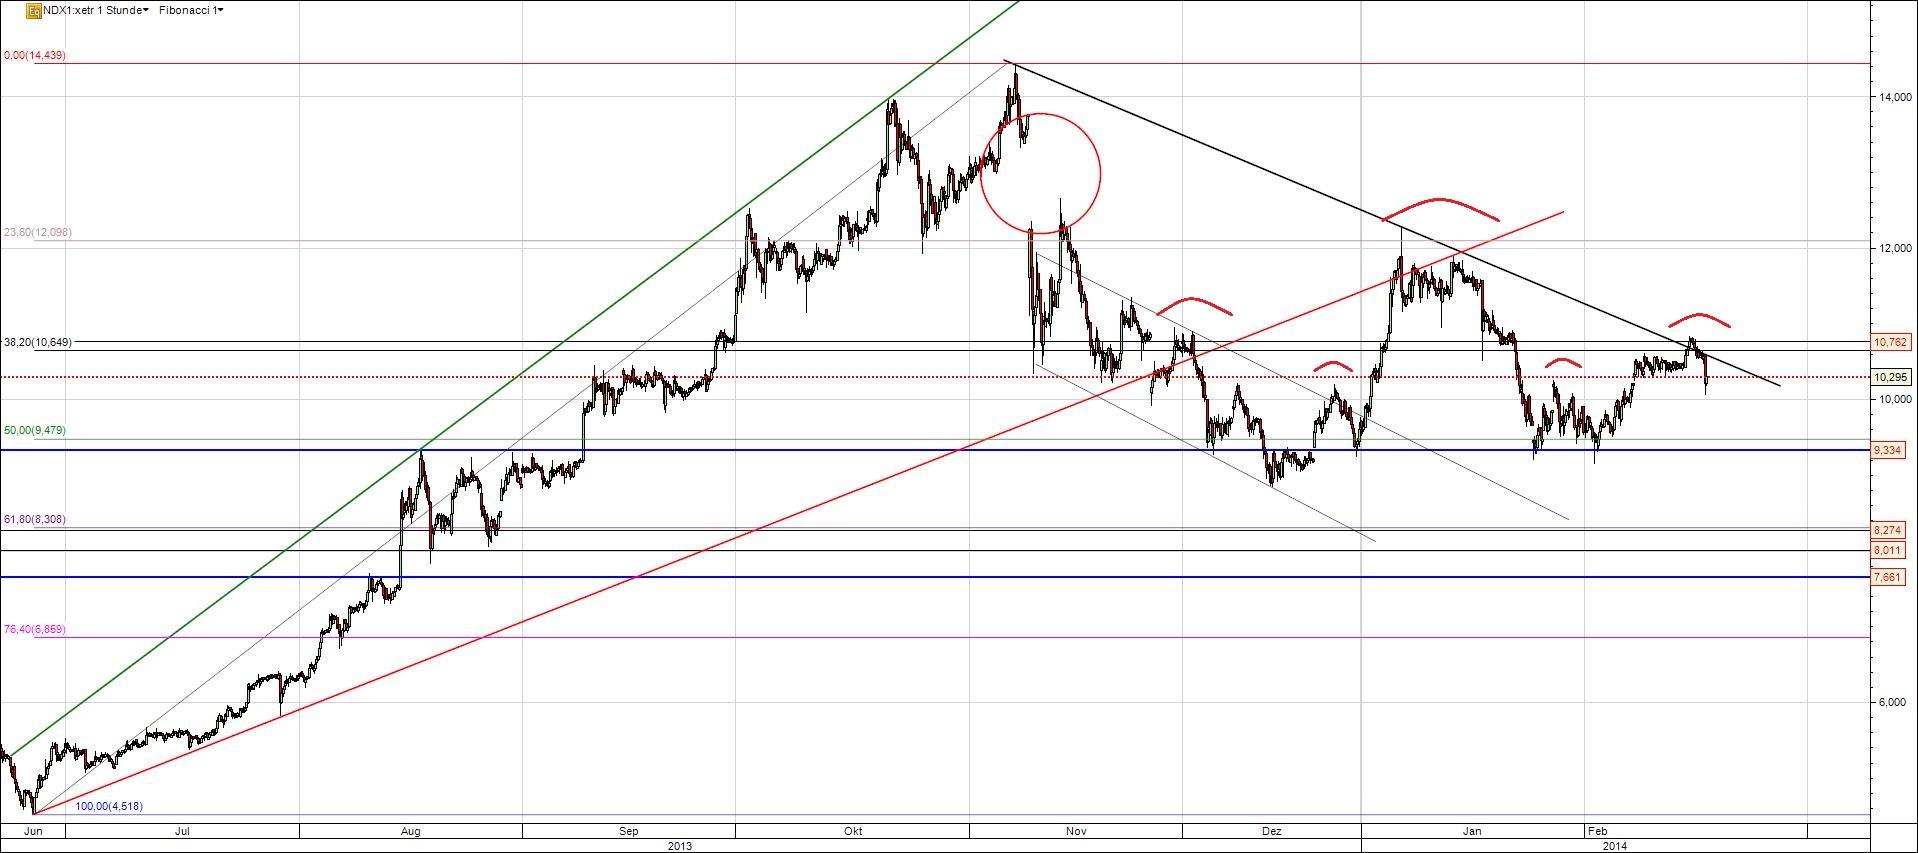 Nordex Aktie Analyse